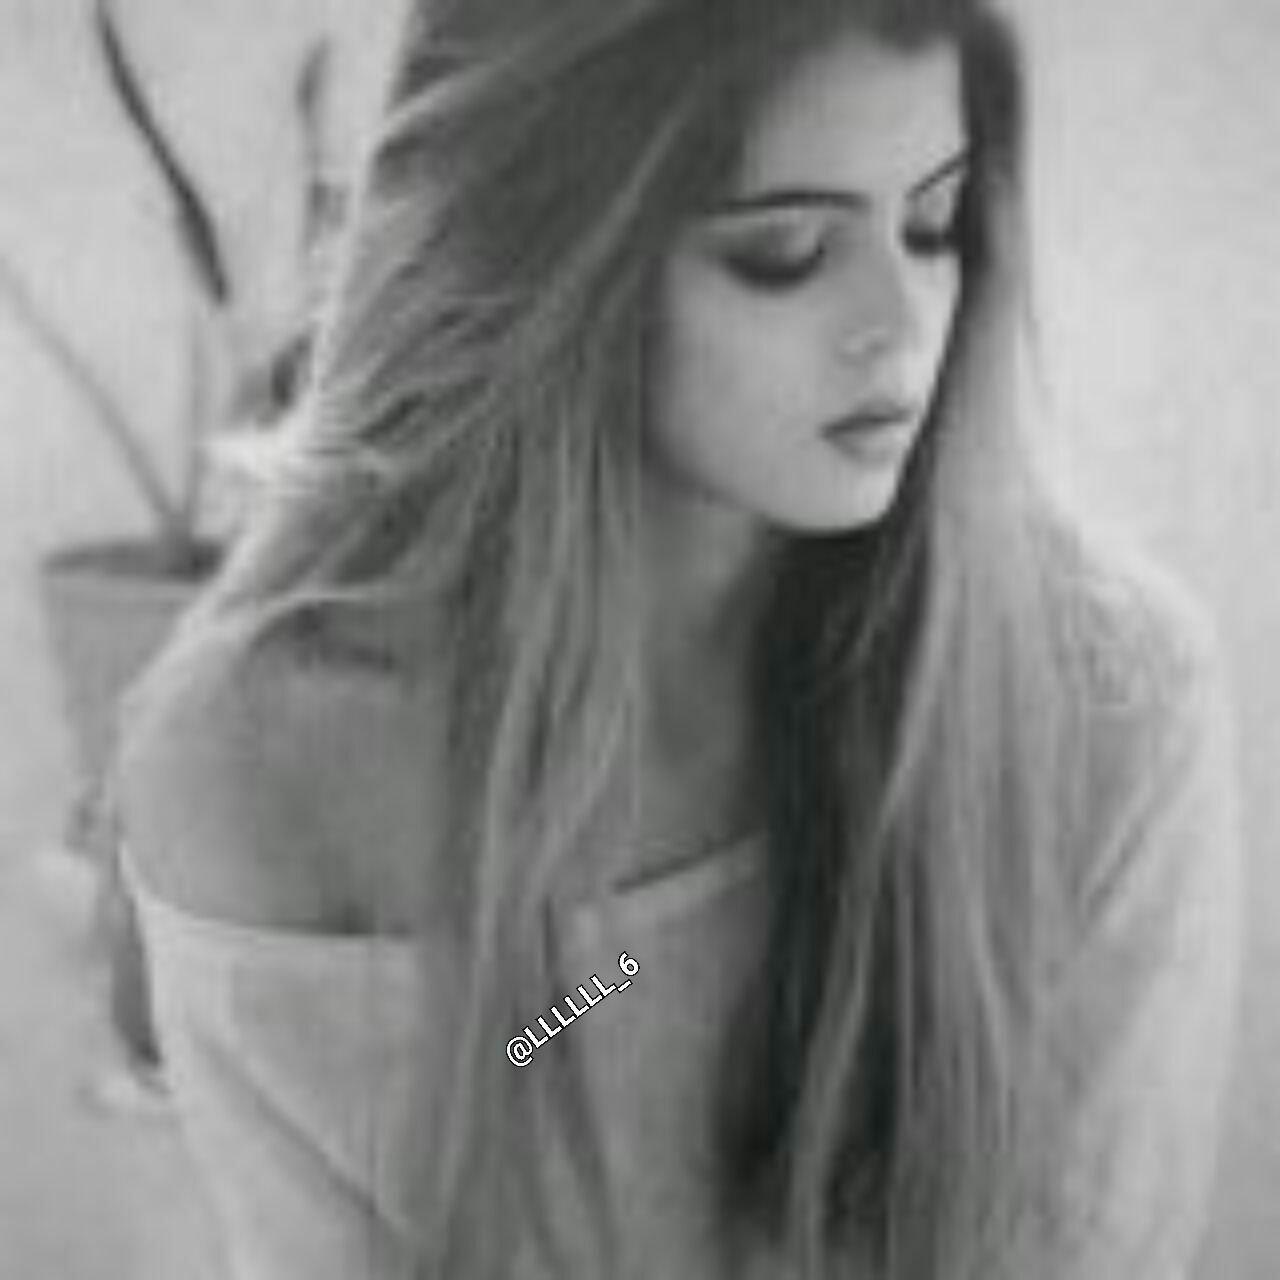 صورة صور بنت حزينه , اروع الصور المتنوعة لبنات حزينه موت